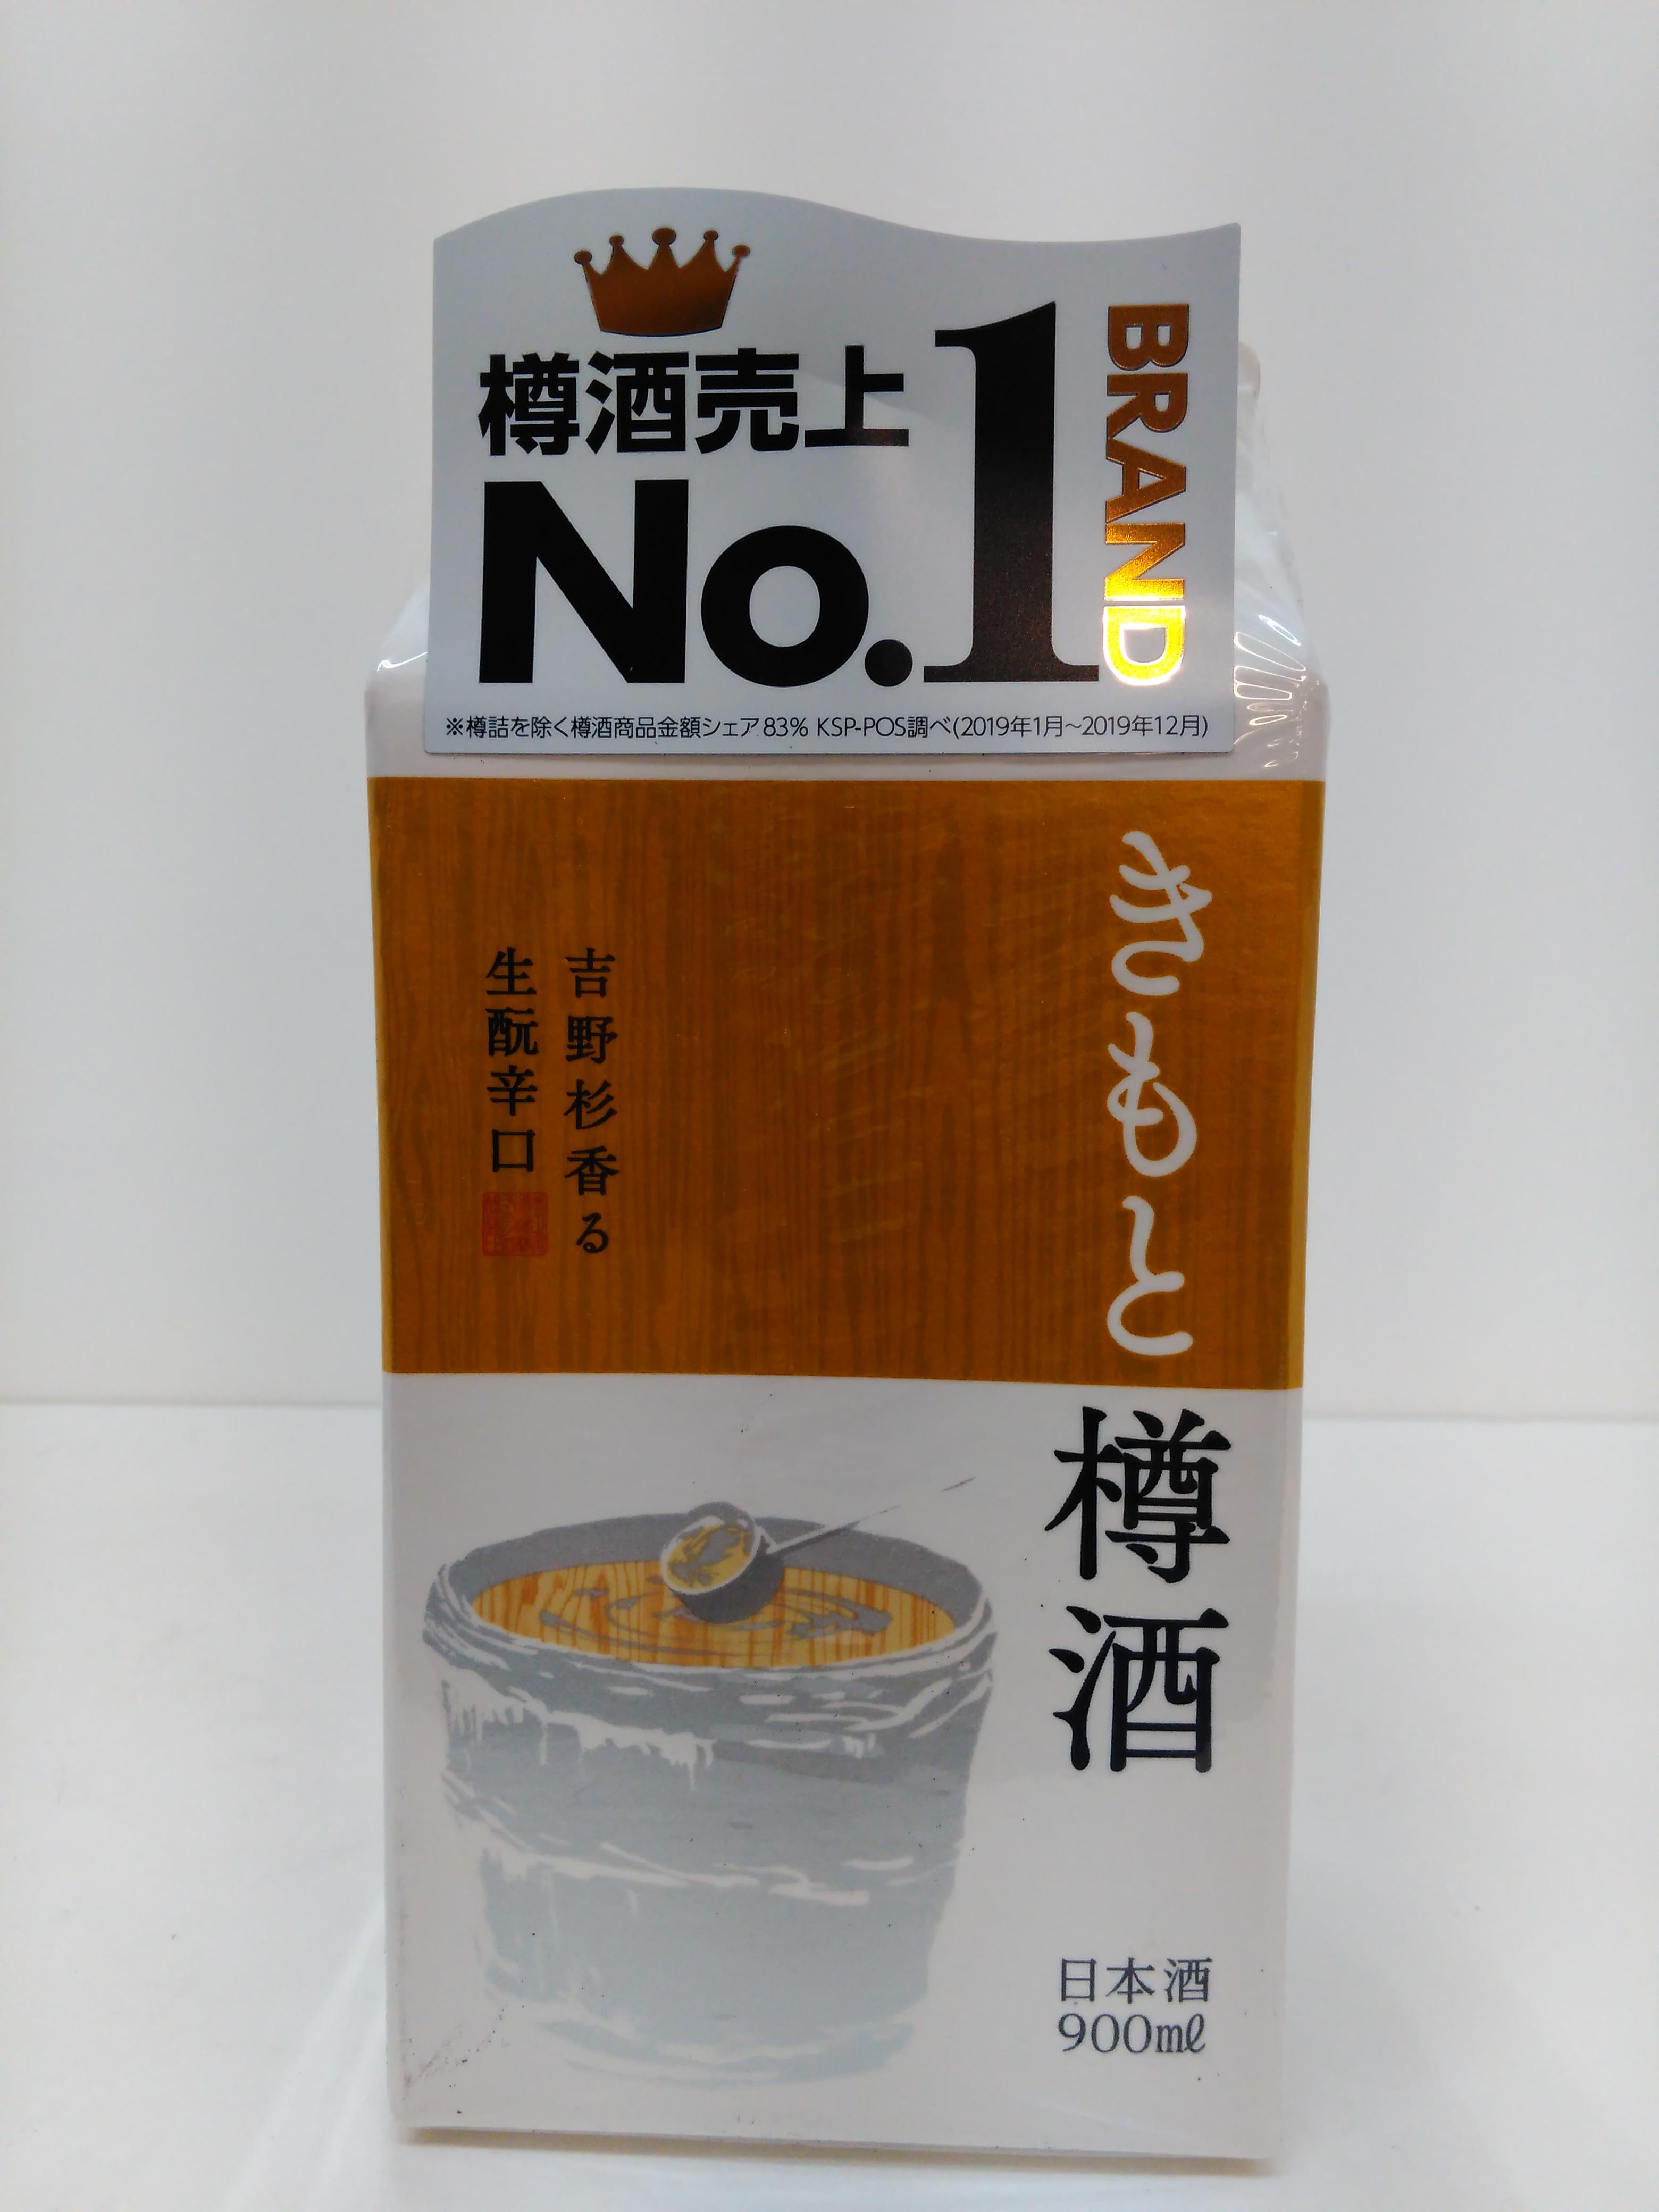 菊正宗 きもと樽酒 900ml